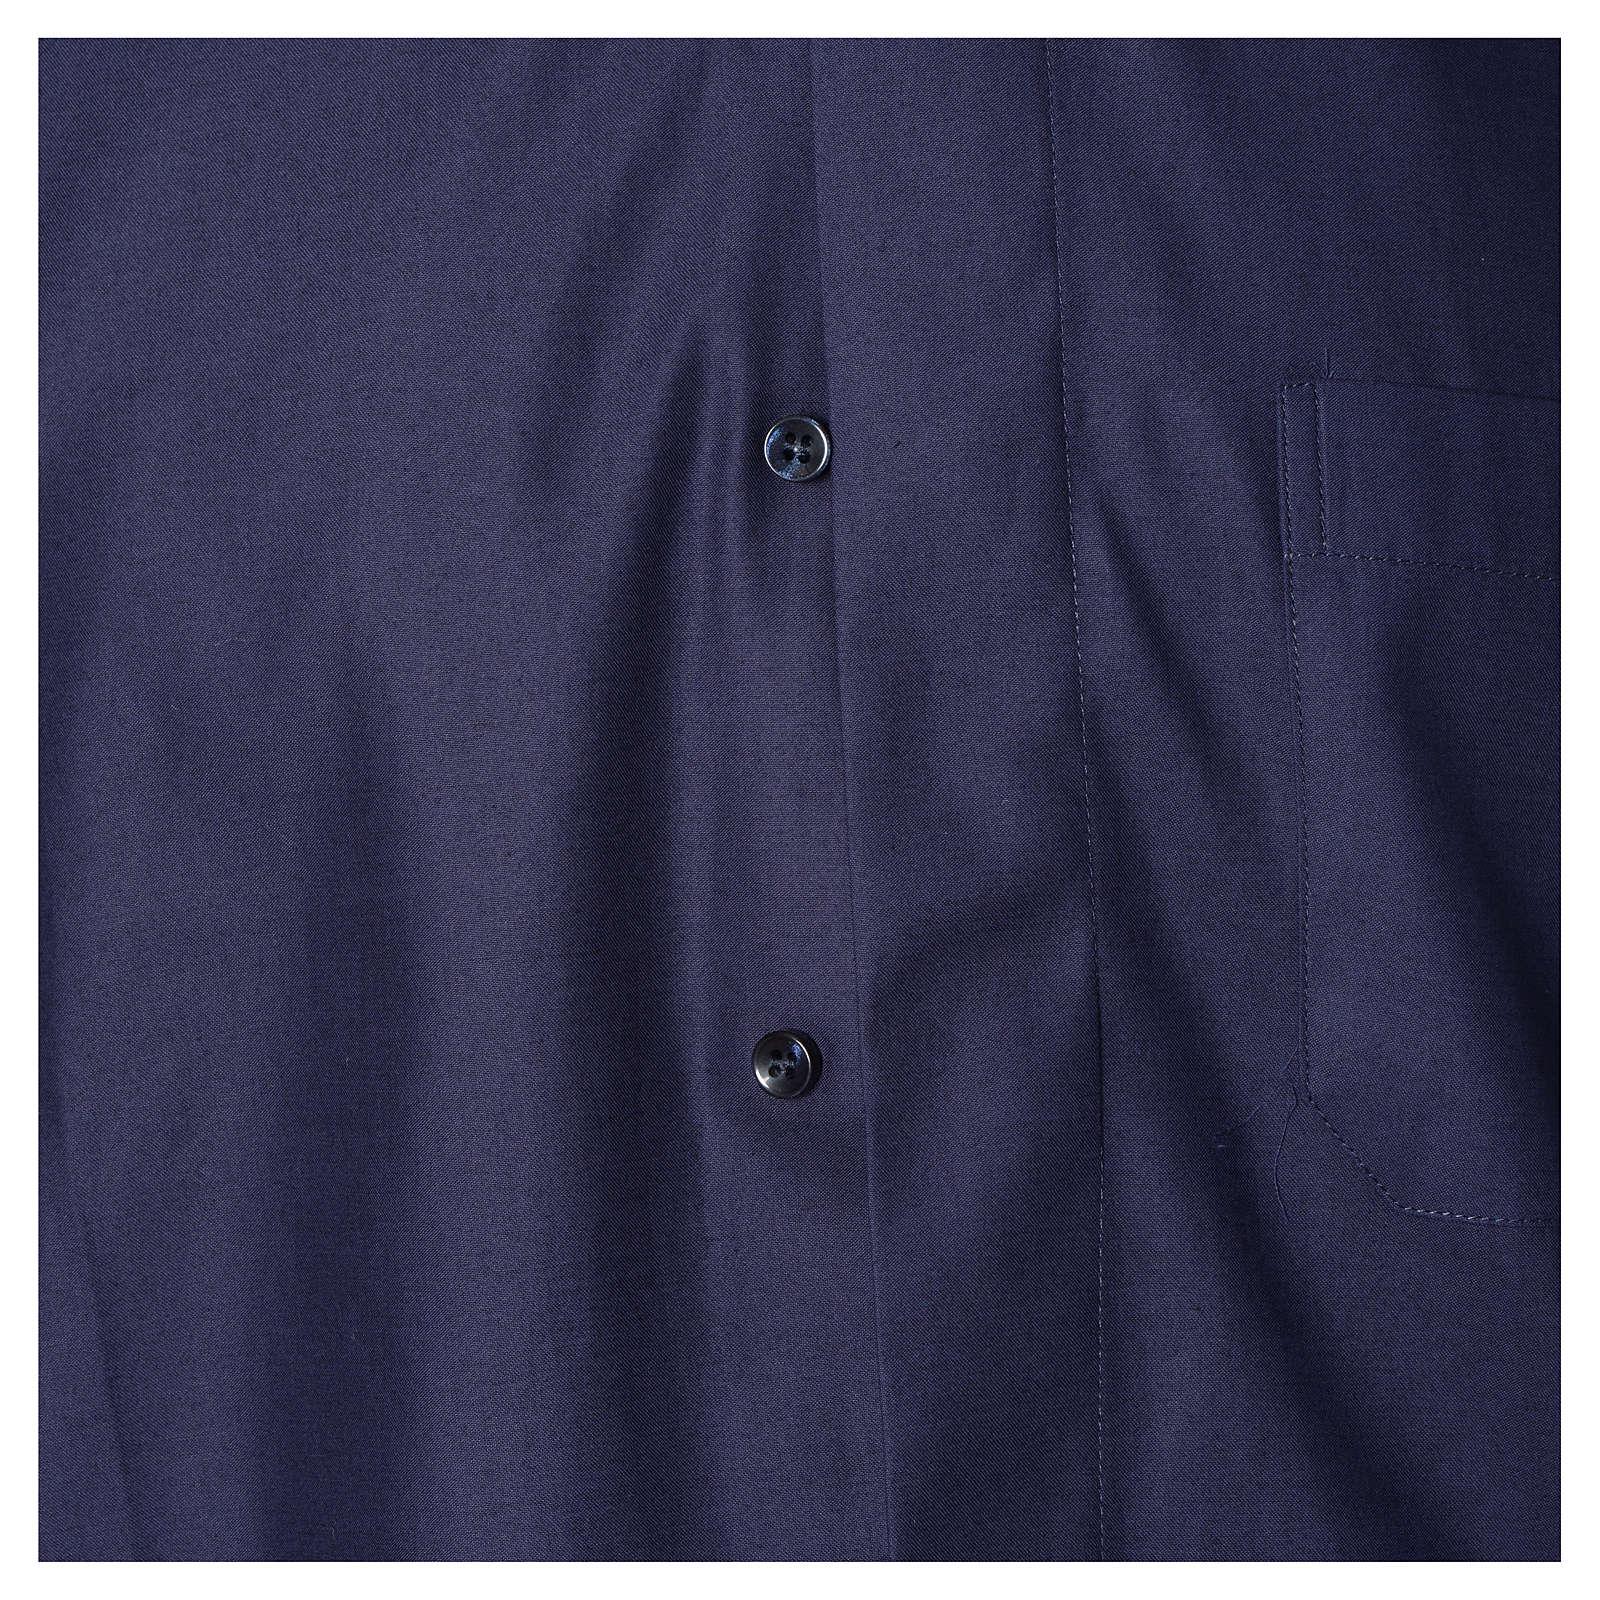 Camicia clergy misto cotone poliestere blu m. corta 4